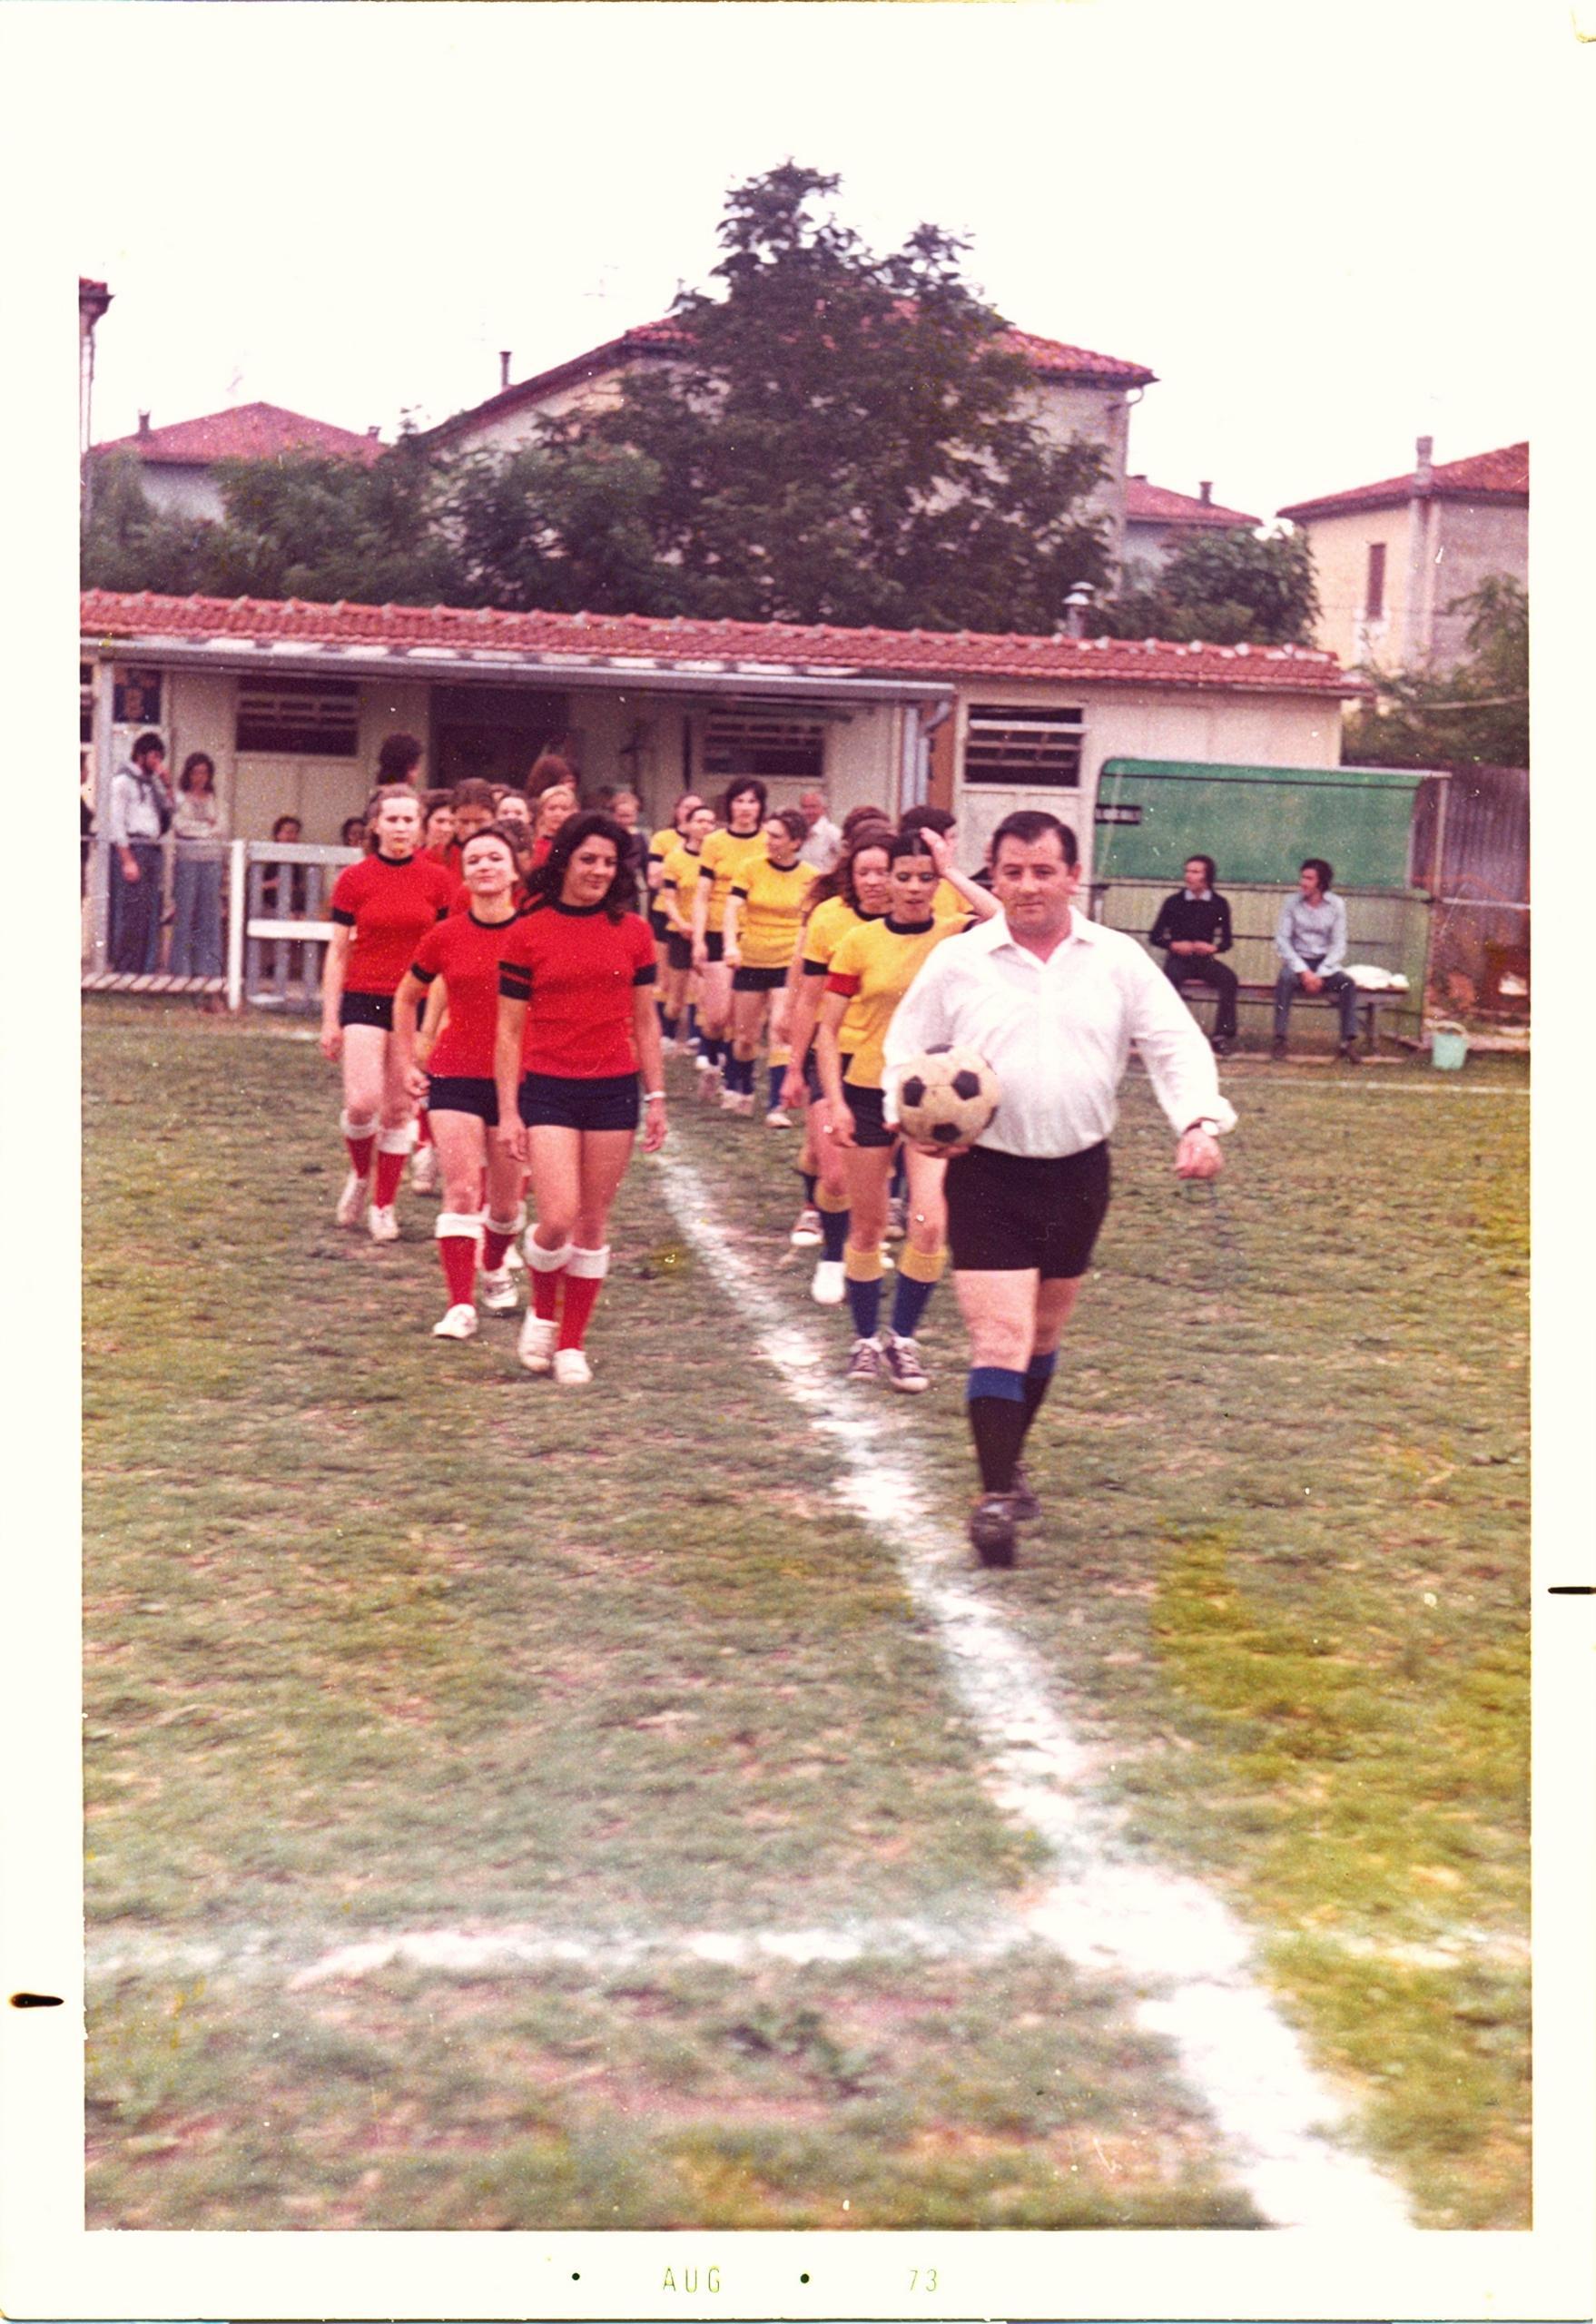 6 giugno 1973, le squadre entrano in campo.